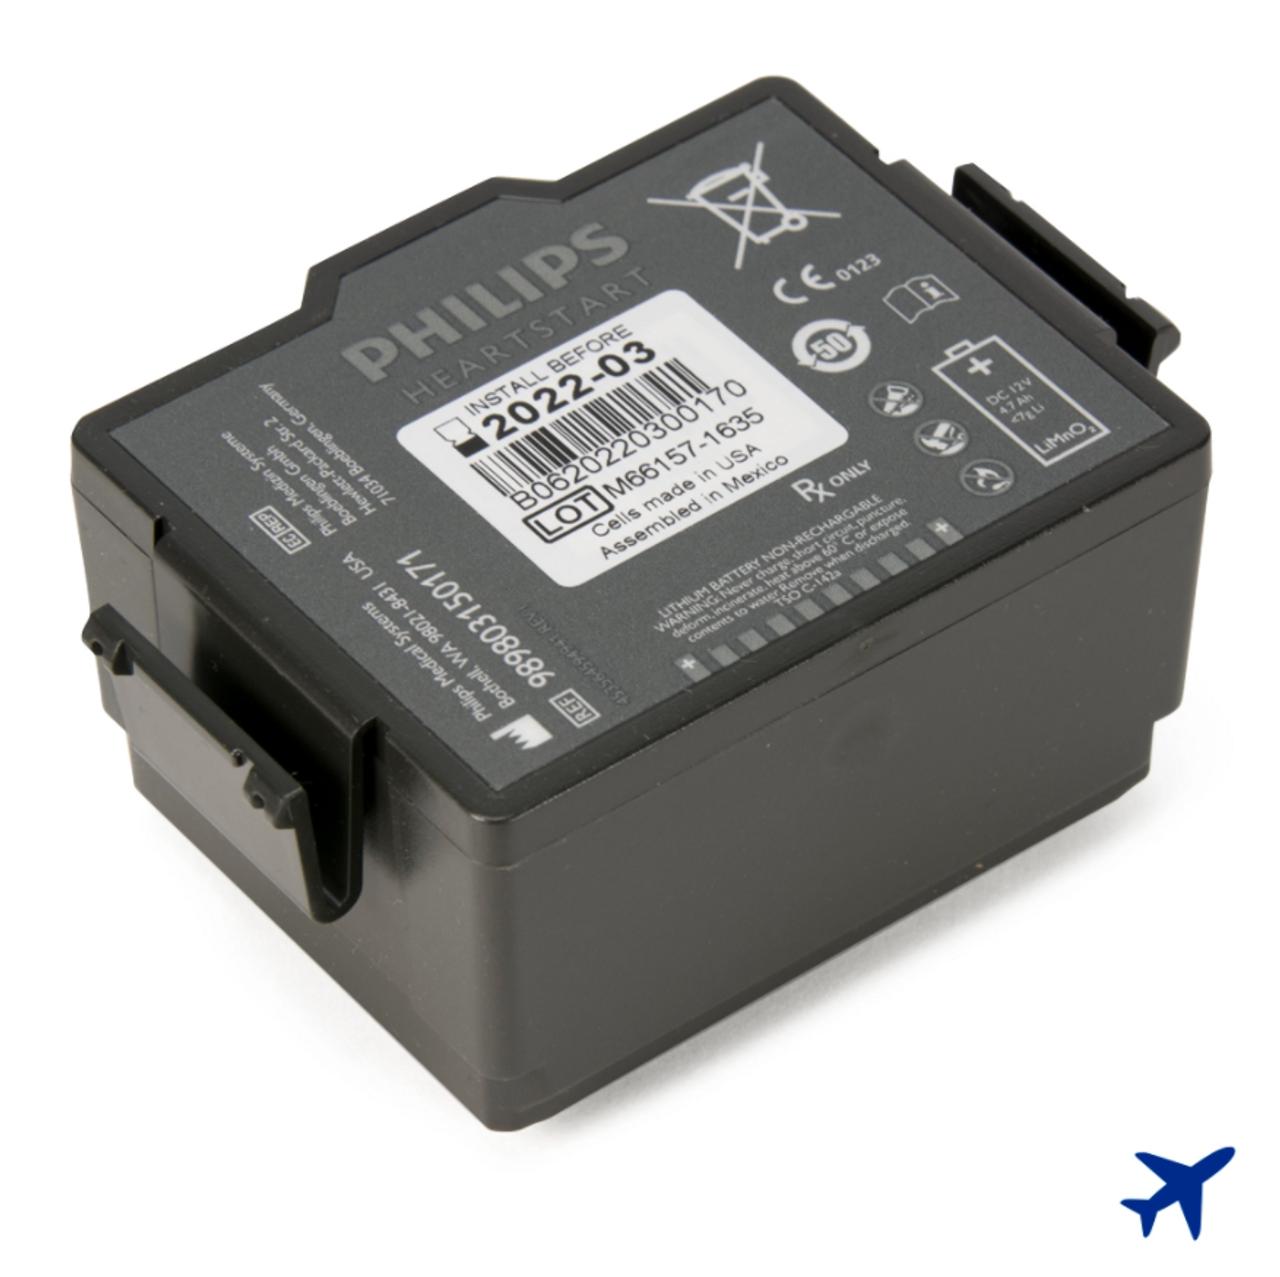 Philips HeartStart FR3 Aviation Battery (989803150171)